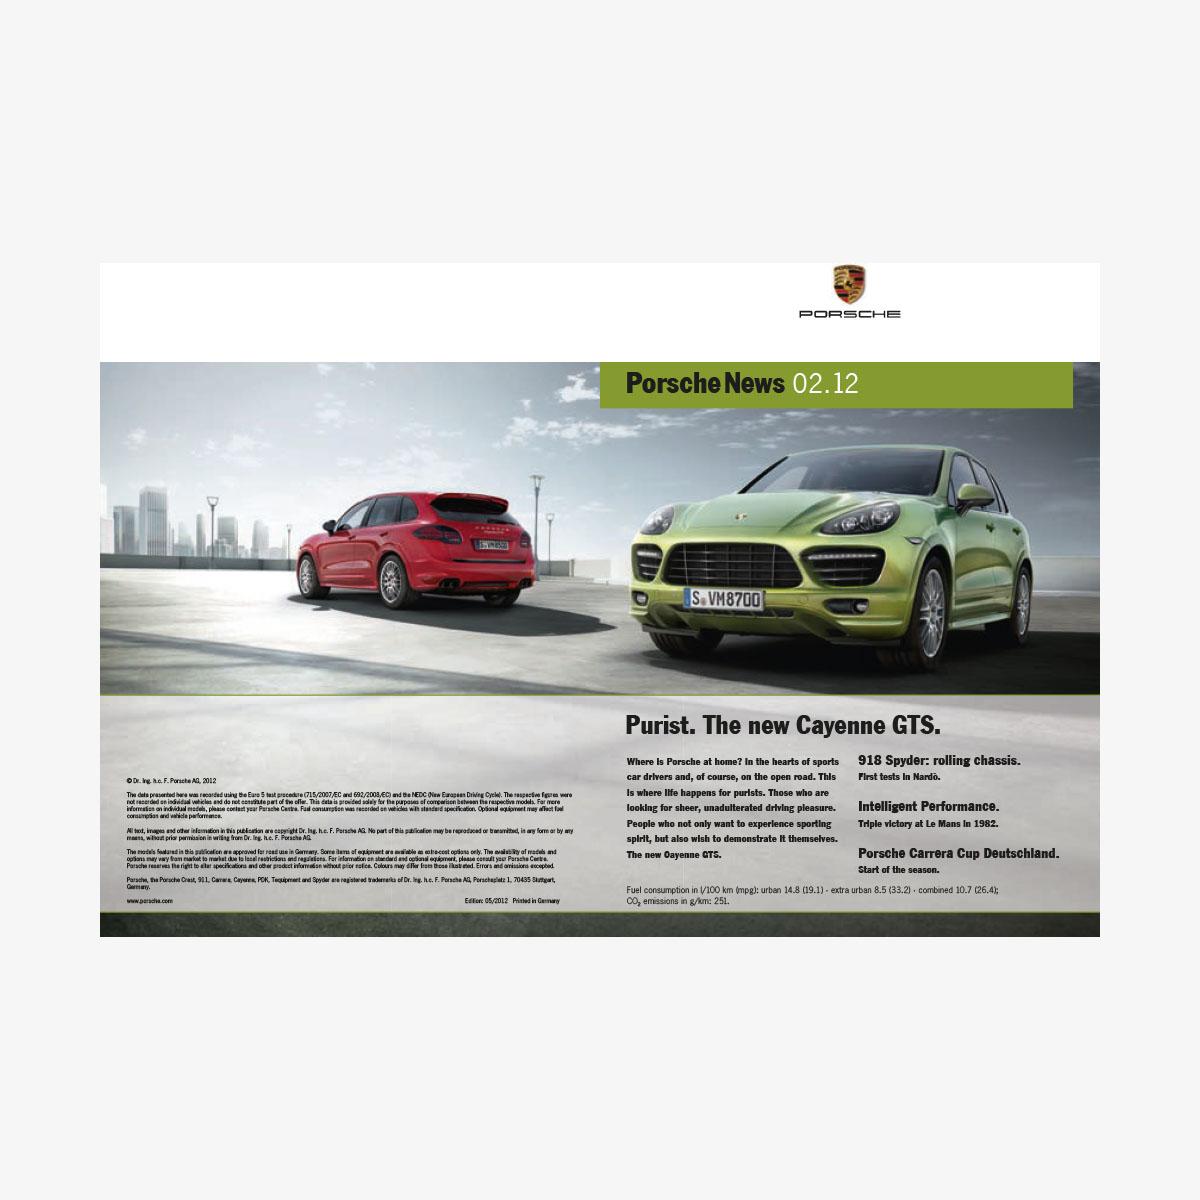 Porsche_News_ENG.indd